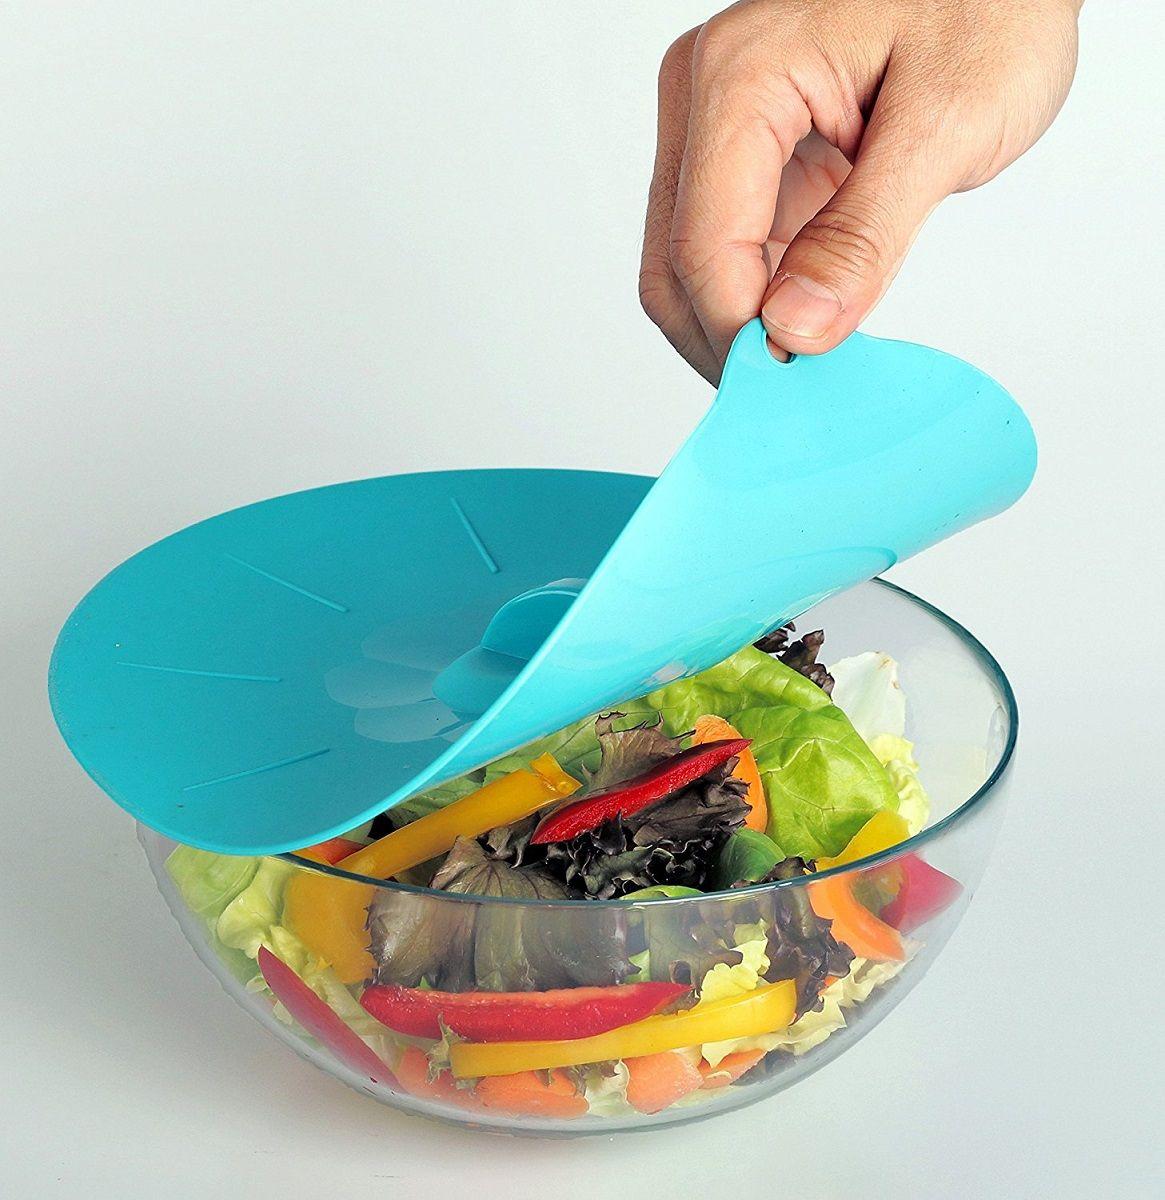 Набор крышек для банок FidgetGo, силиконовые, цвет: голубой, 4 шт2212345678948Силиконовые крышки для посуды разного размера герметично закроют сковороды, кастрюли, тарелки, салатники, баночки и стаканы диаметром от 13 до 30 см. Главное, чтобы у любой из вышеперечисленной посуды края были ровными, без сколов и носиков.Так же отлично с ними варить или тушить блюда на очень малом огне, достигается эффект русской печи. Моются легко, никаких замачиваний не требуют, достаточно использовать губку и моющее неабразивное средство или в посудомоечной машине. Они компактны и удобны при хранении.Силикон – инертный материал, который абсолютно безвреден для здоровья, выдерживает температуру от -40 до +230 градусов, поэтому подходит для варки и жарки, для выпечки, запекания и для замораживания.